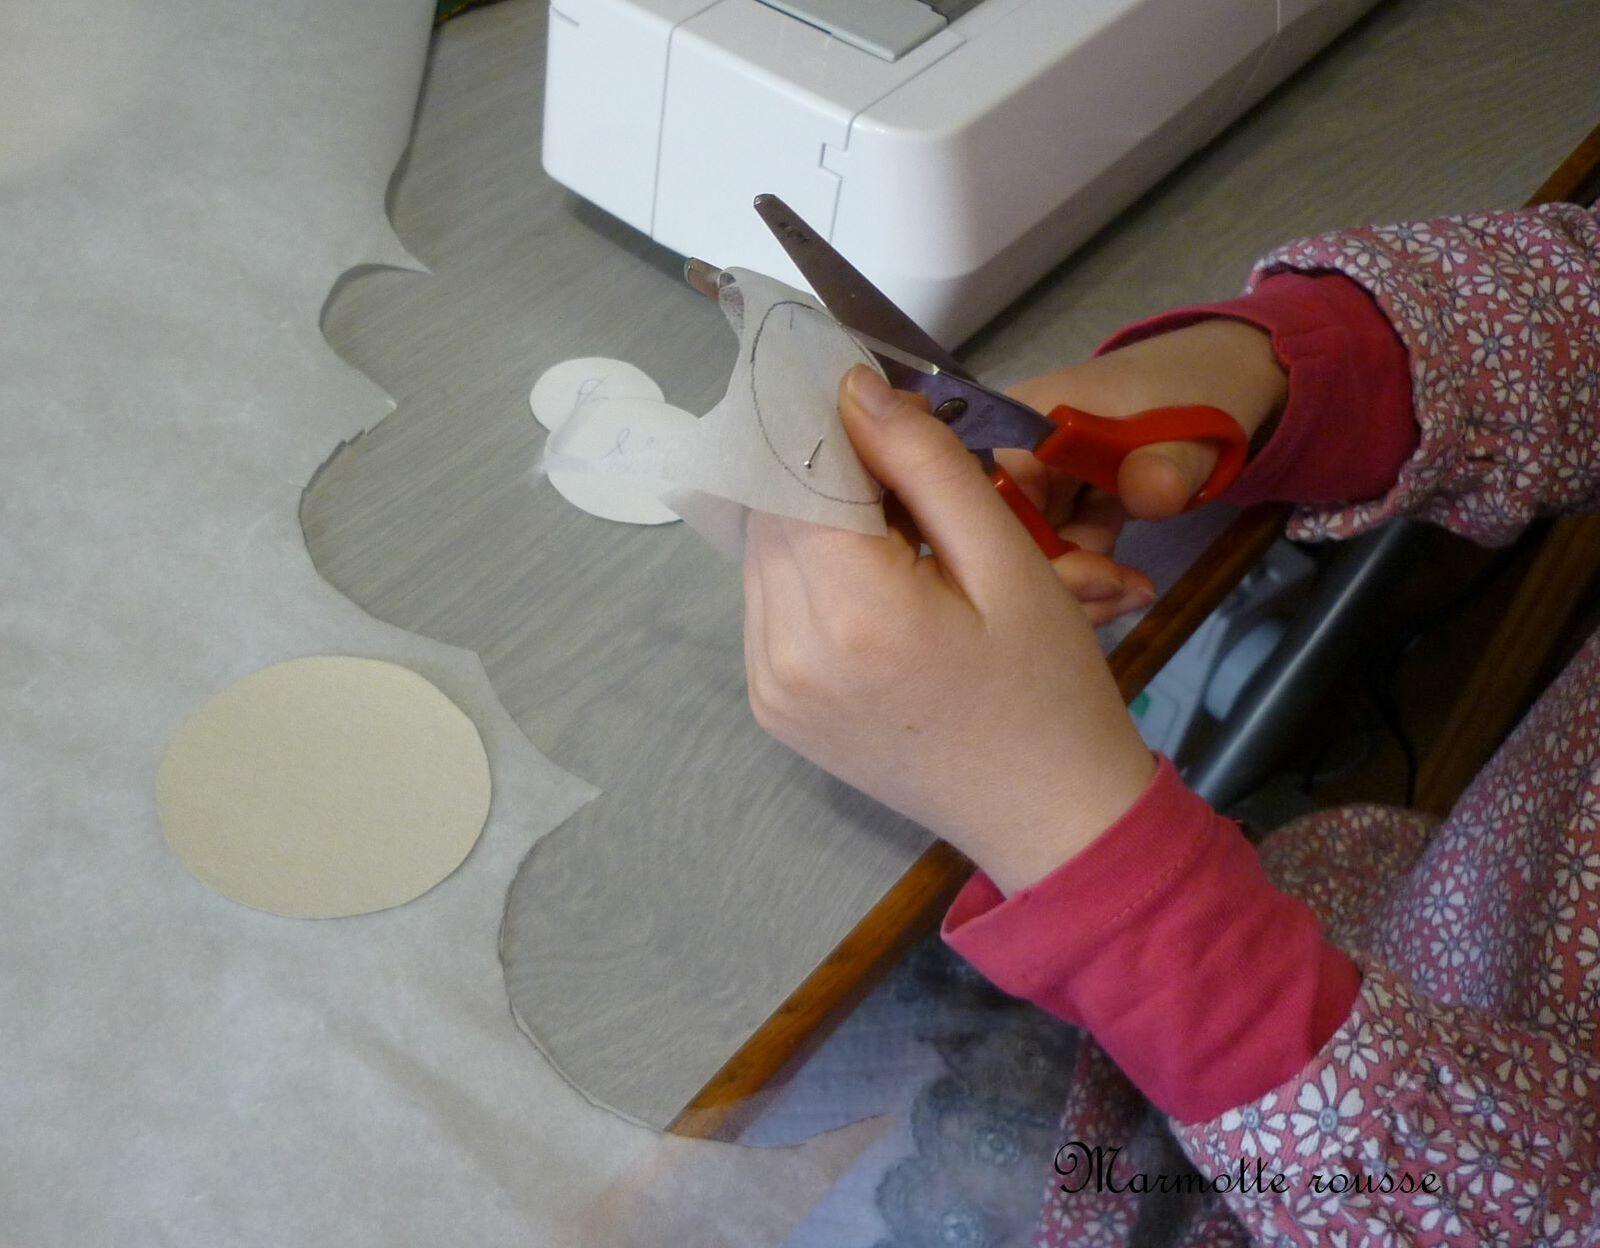 Dessiner des ronds sur le vliesofix et les découper.